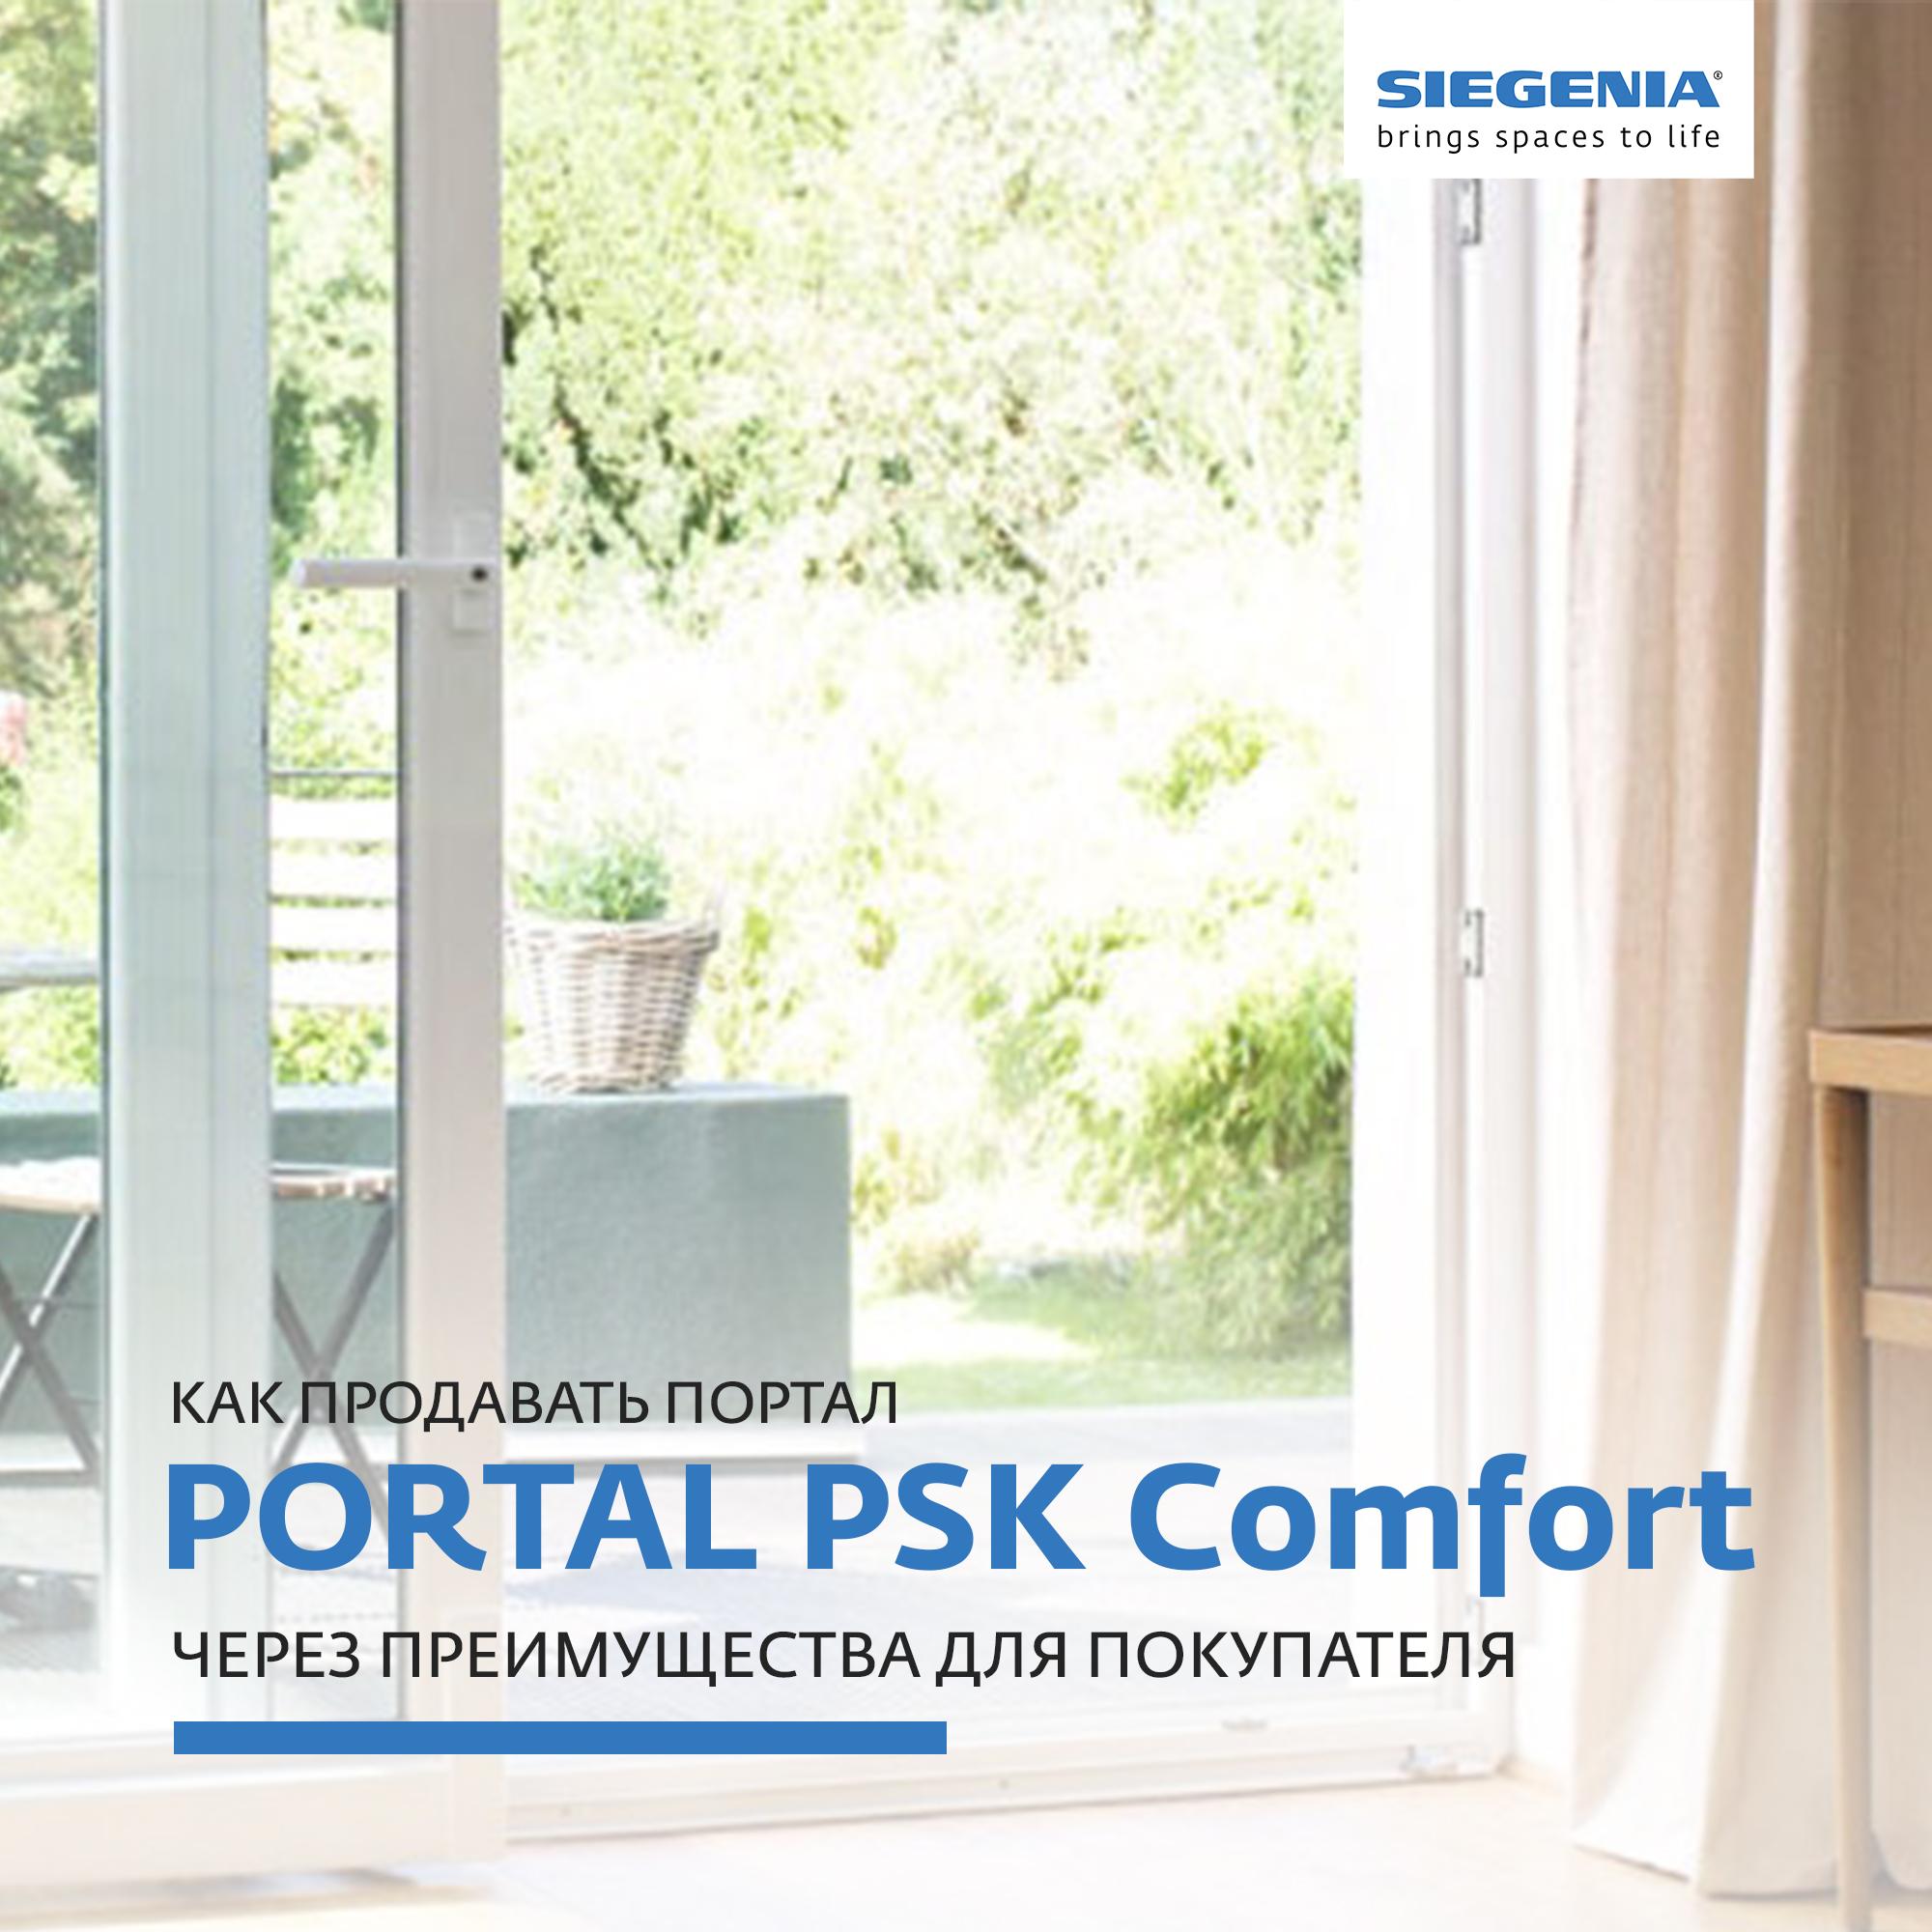 Как продавать порталы SIEGENIA PSK Comfort